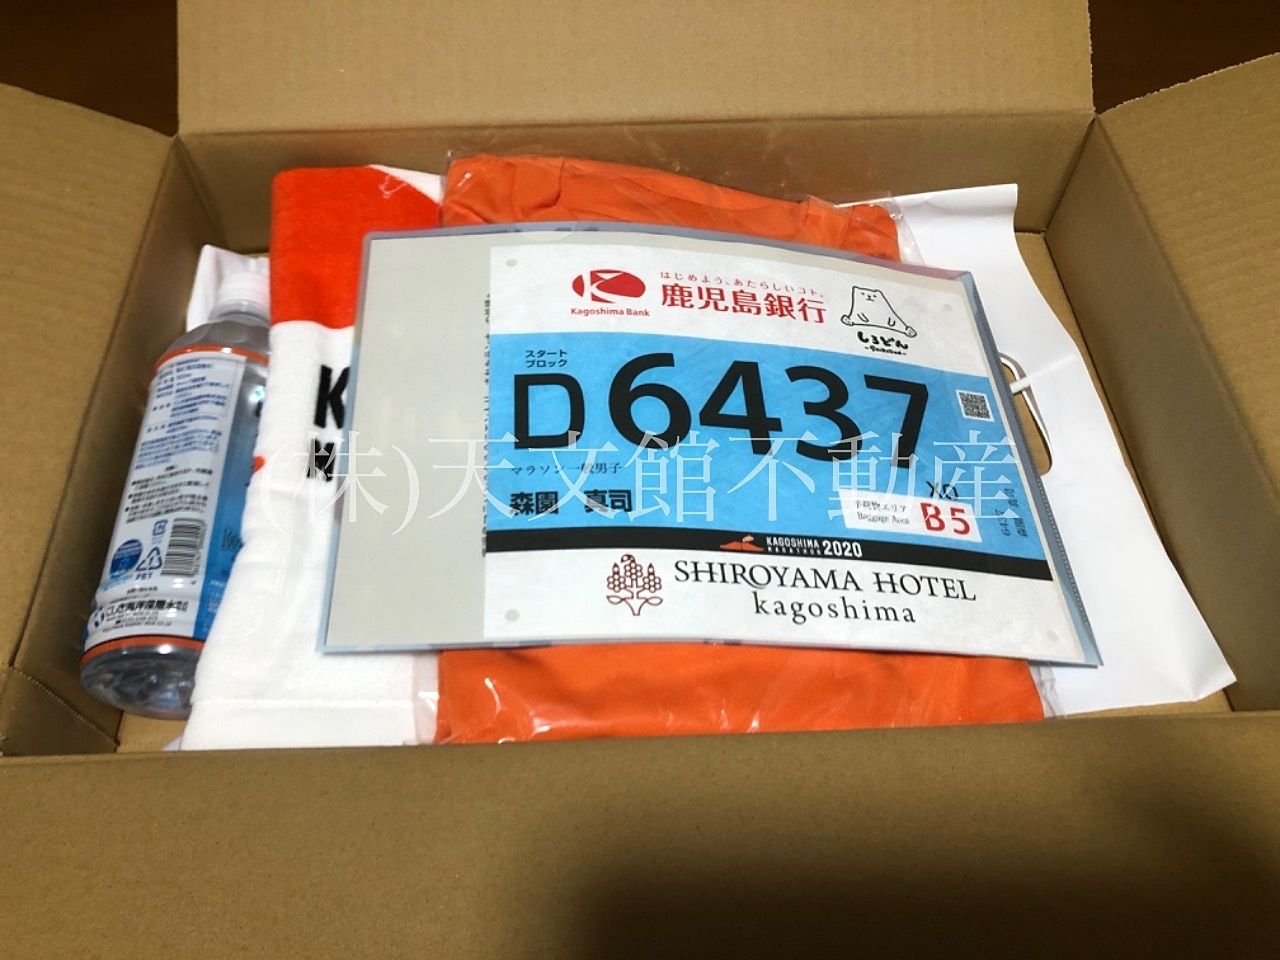 鹿児島マラソンの参加景品の箱を開けてみると当日もらう用のものがたくさん入っていました